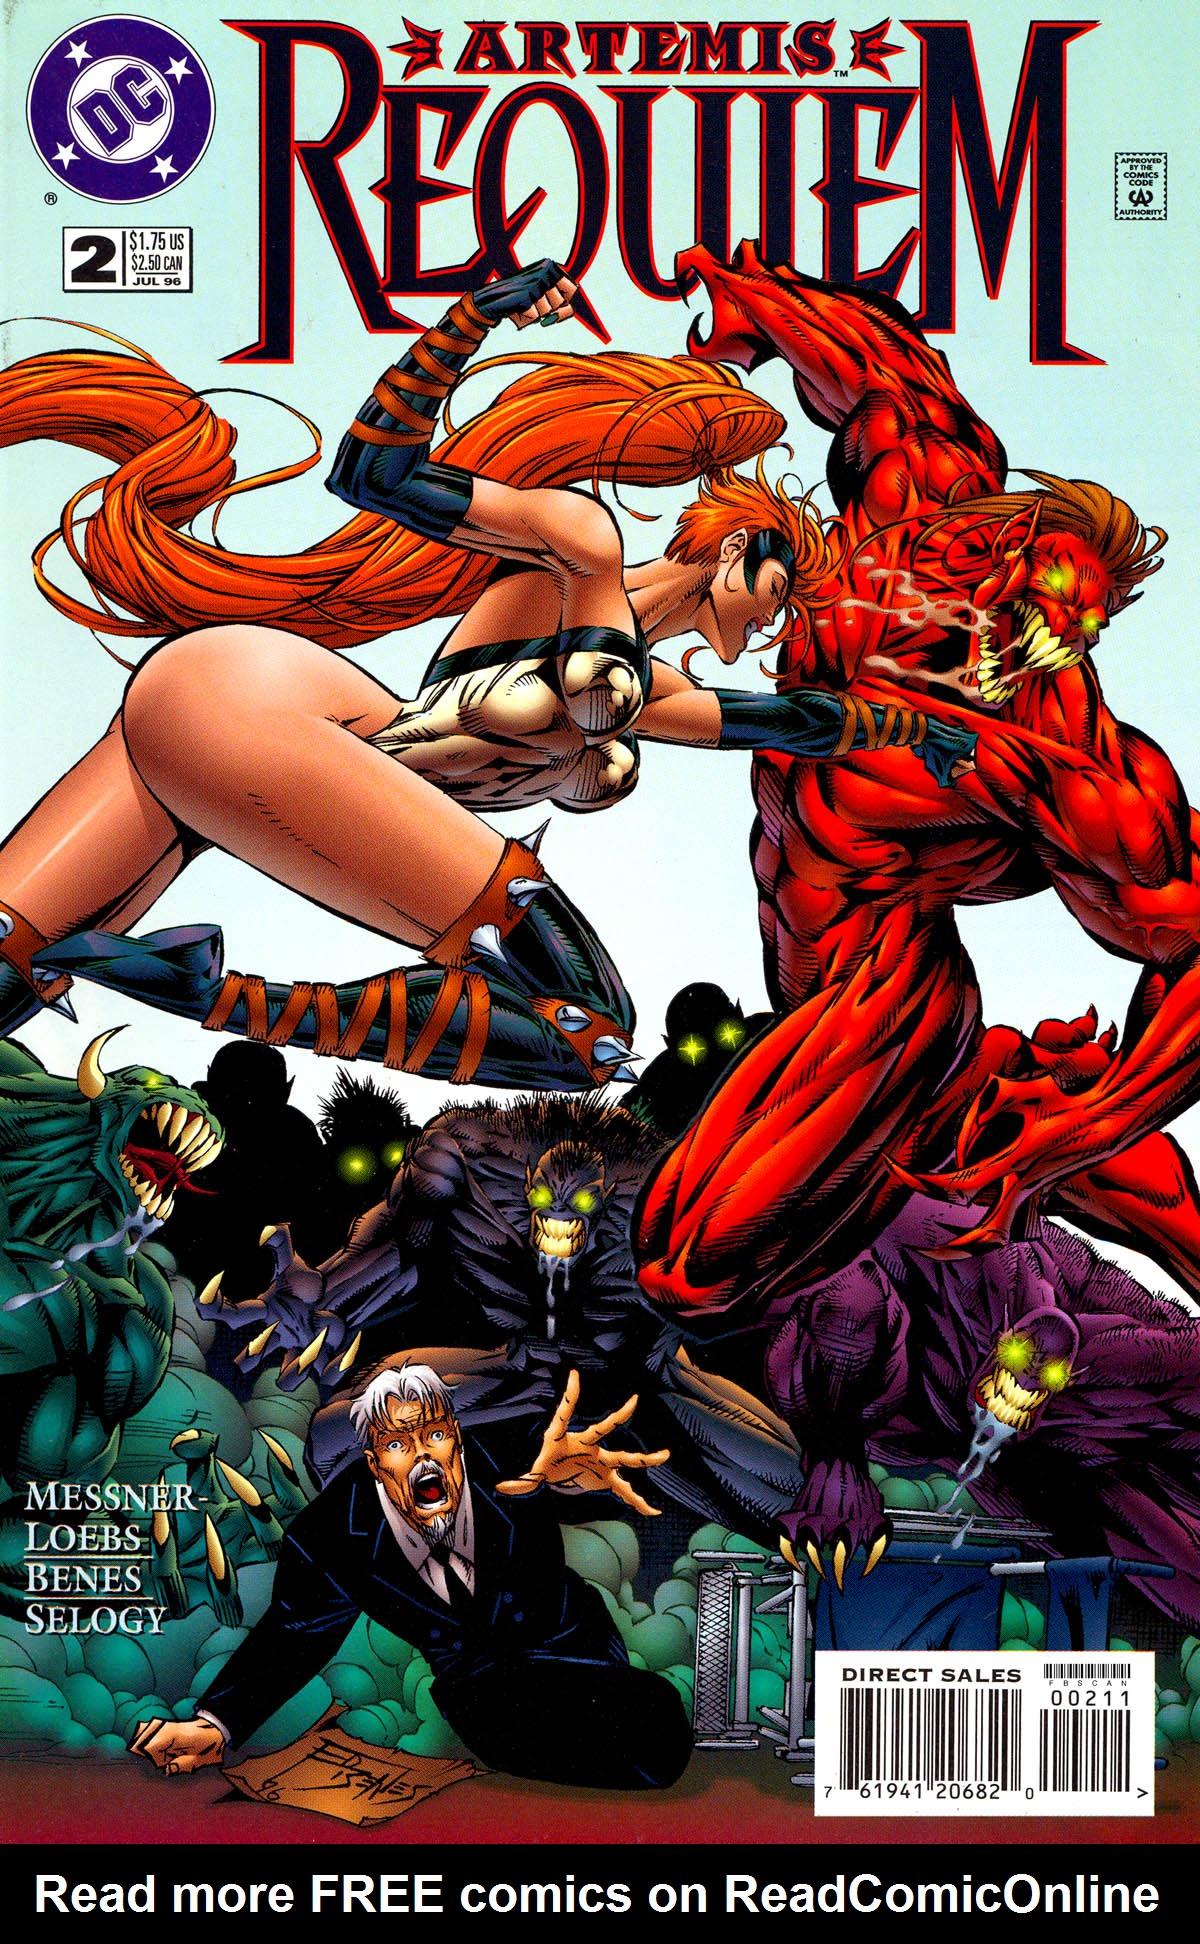 Read online Artemis: Requiem comic -  Issue #2 - 1